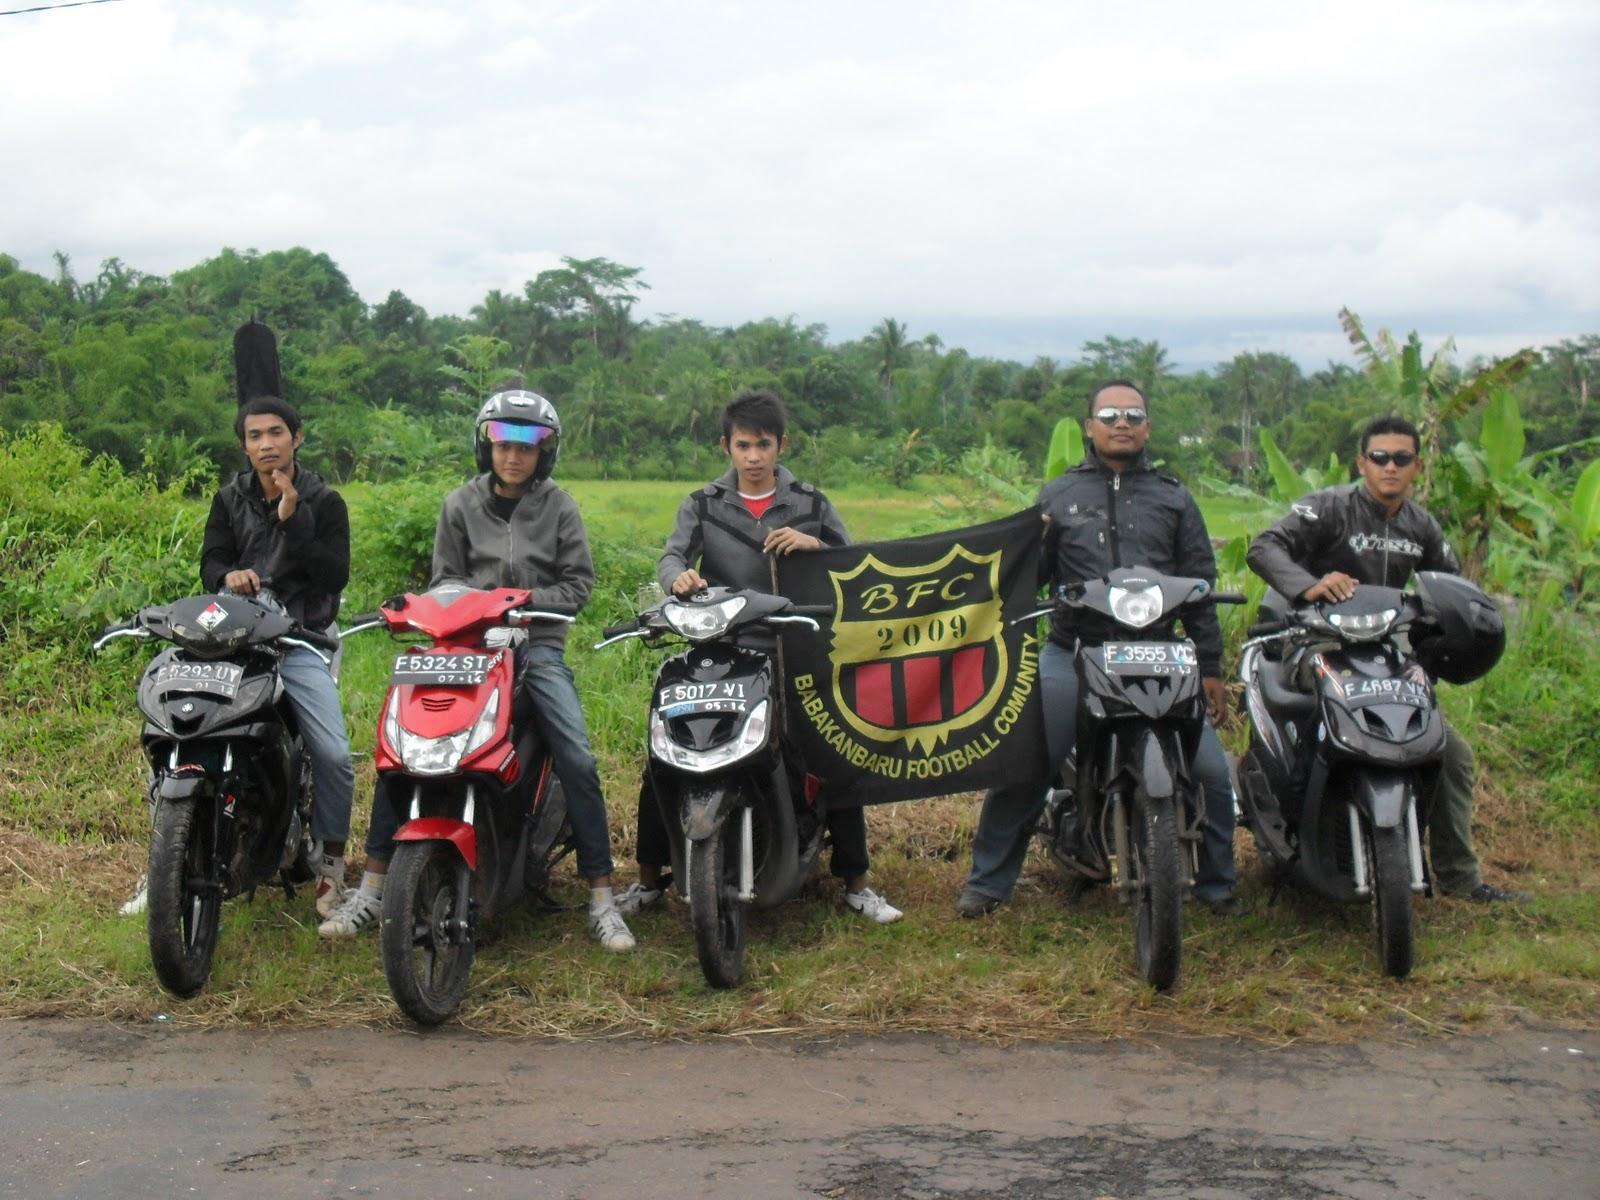 Zone bfc kita